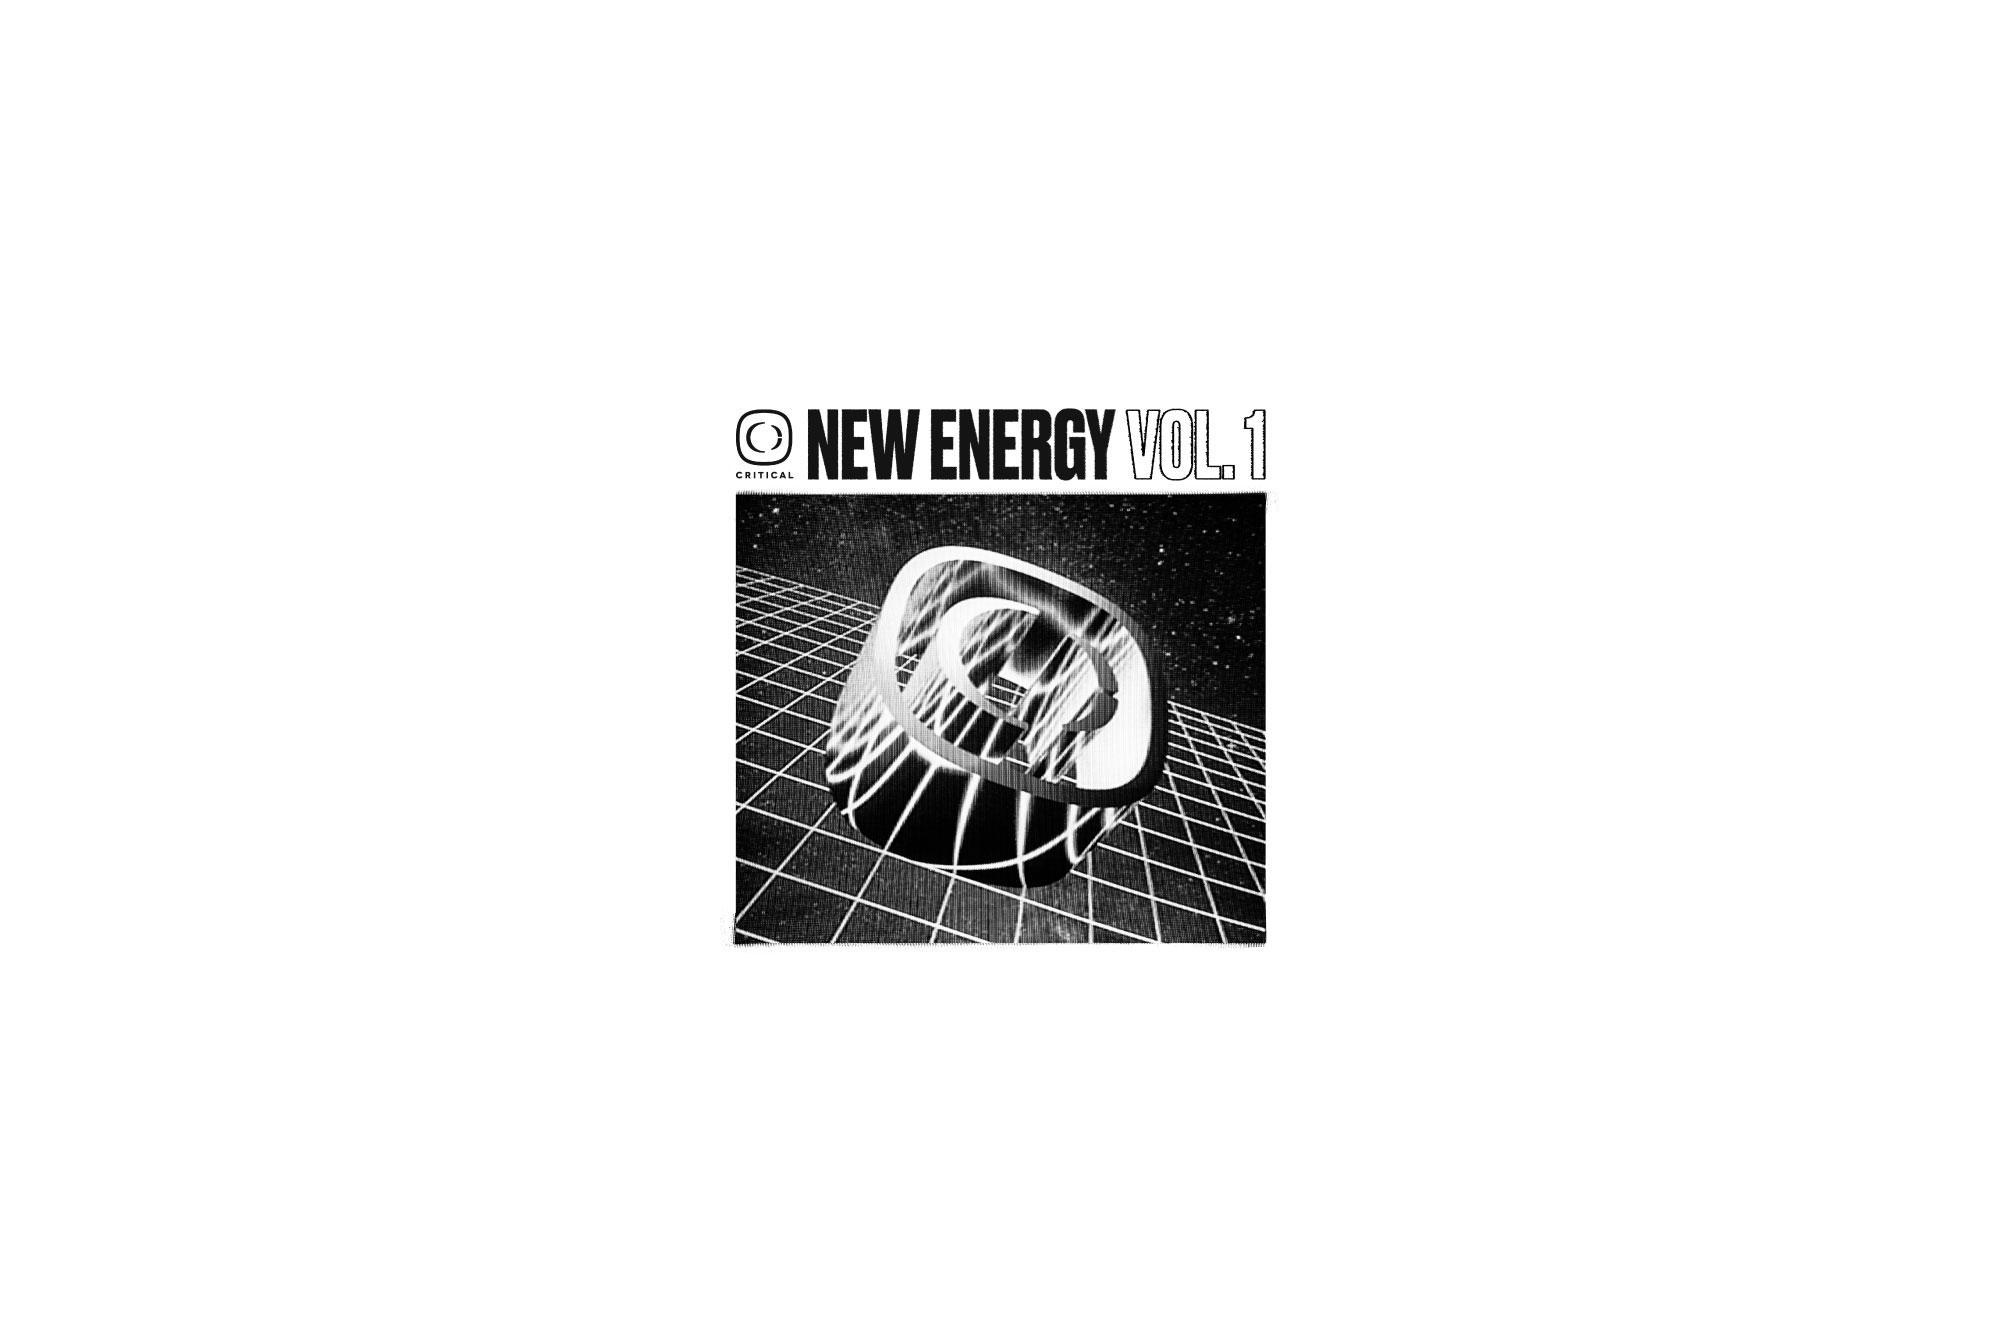 NEW ENERGY VOL.1